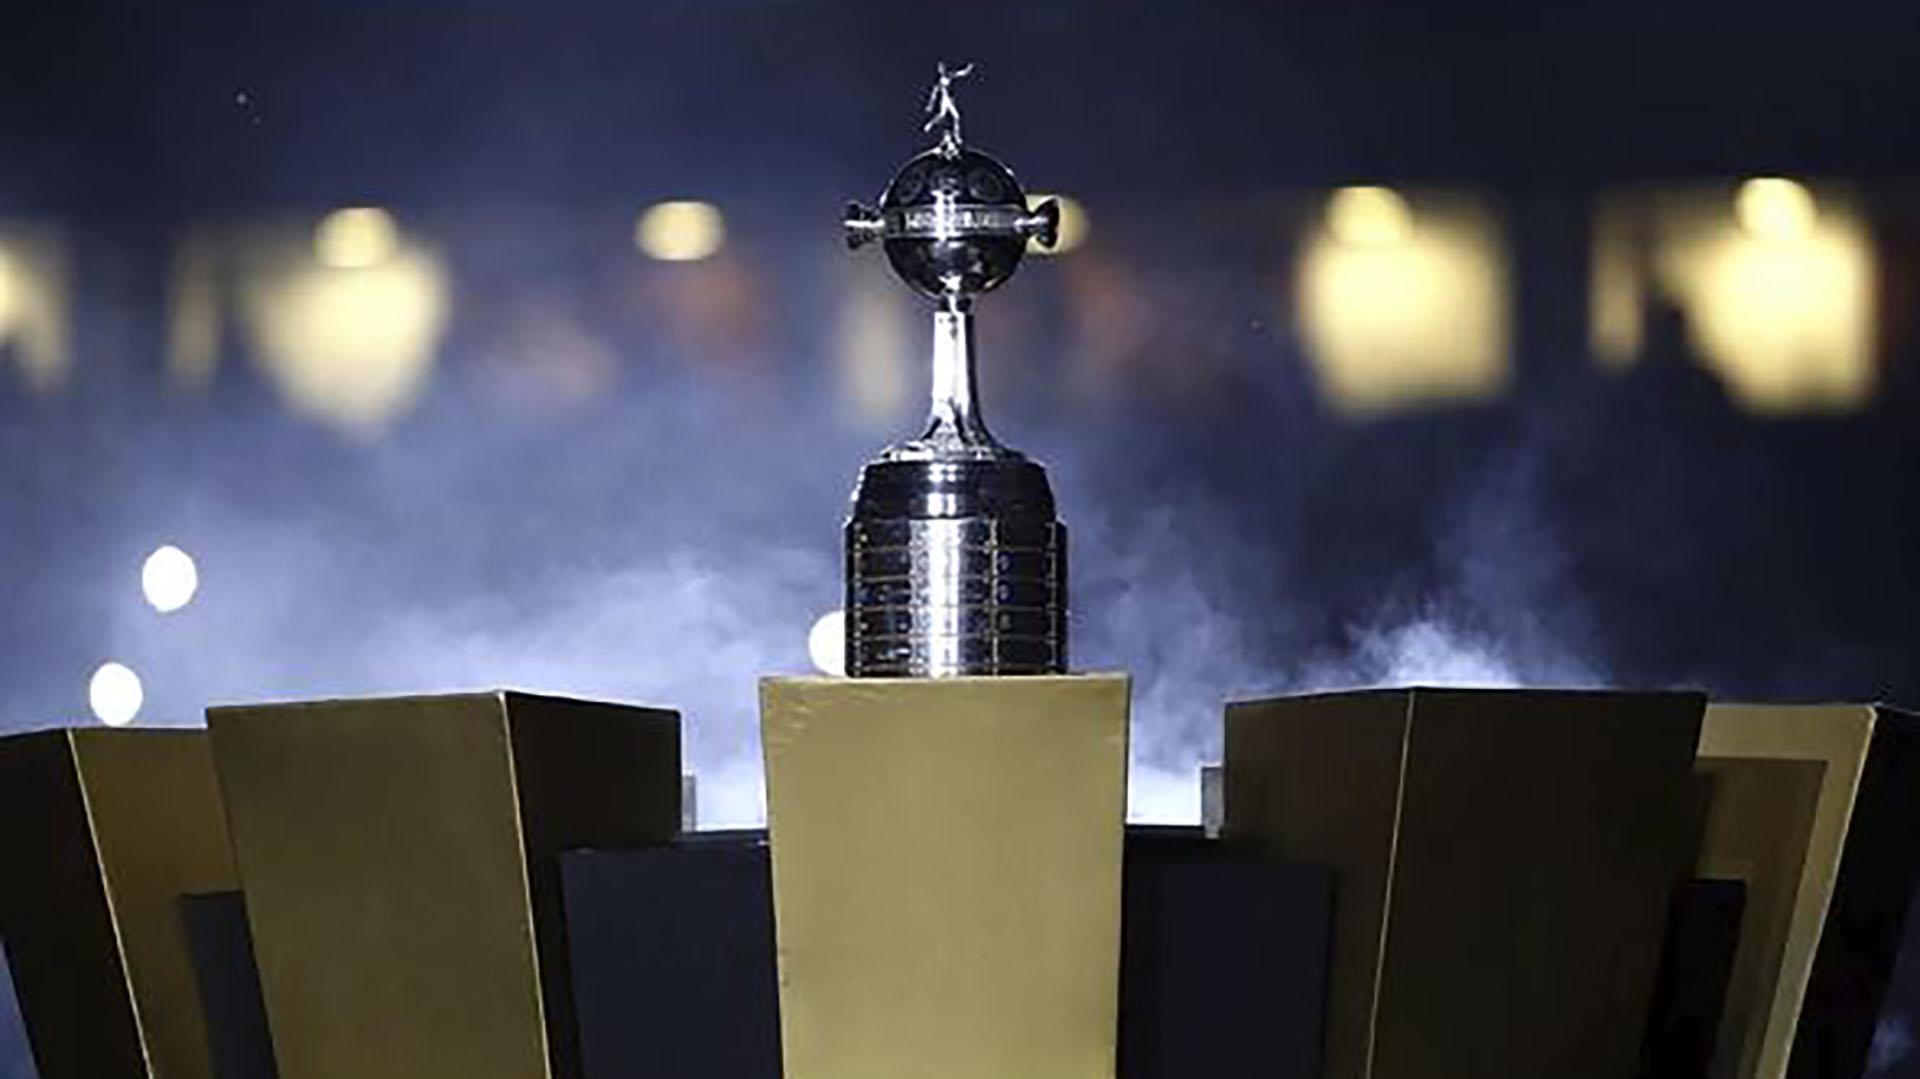 La Copa Libertadores será emitida por canales abiertos en todos los países que participan